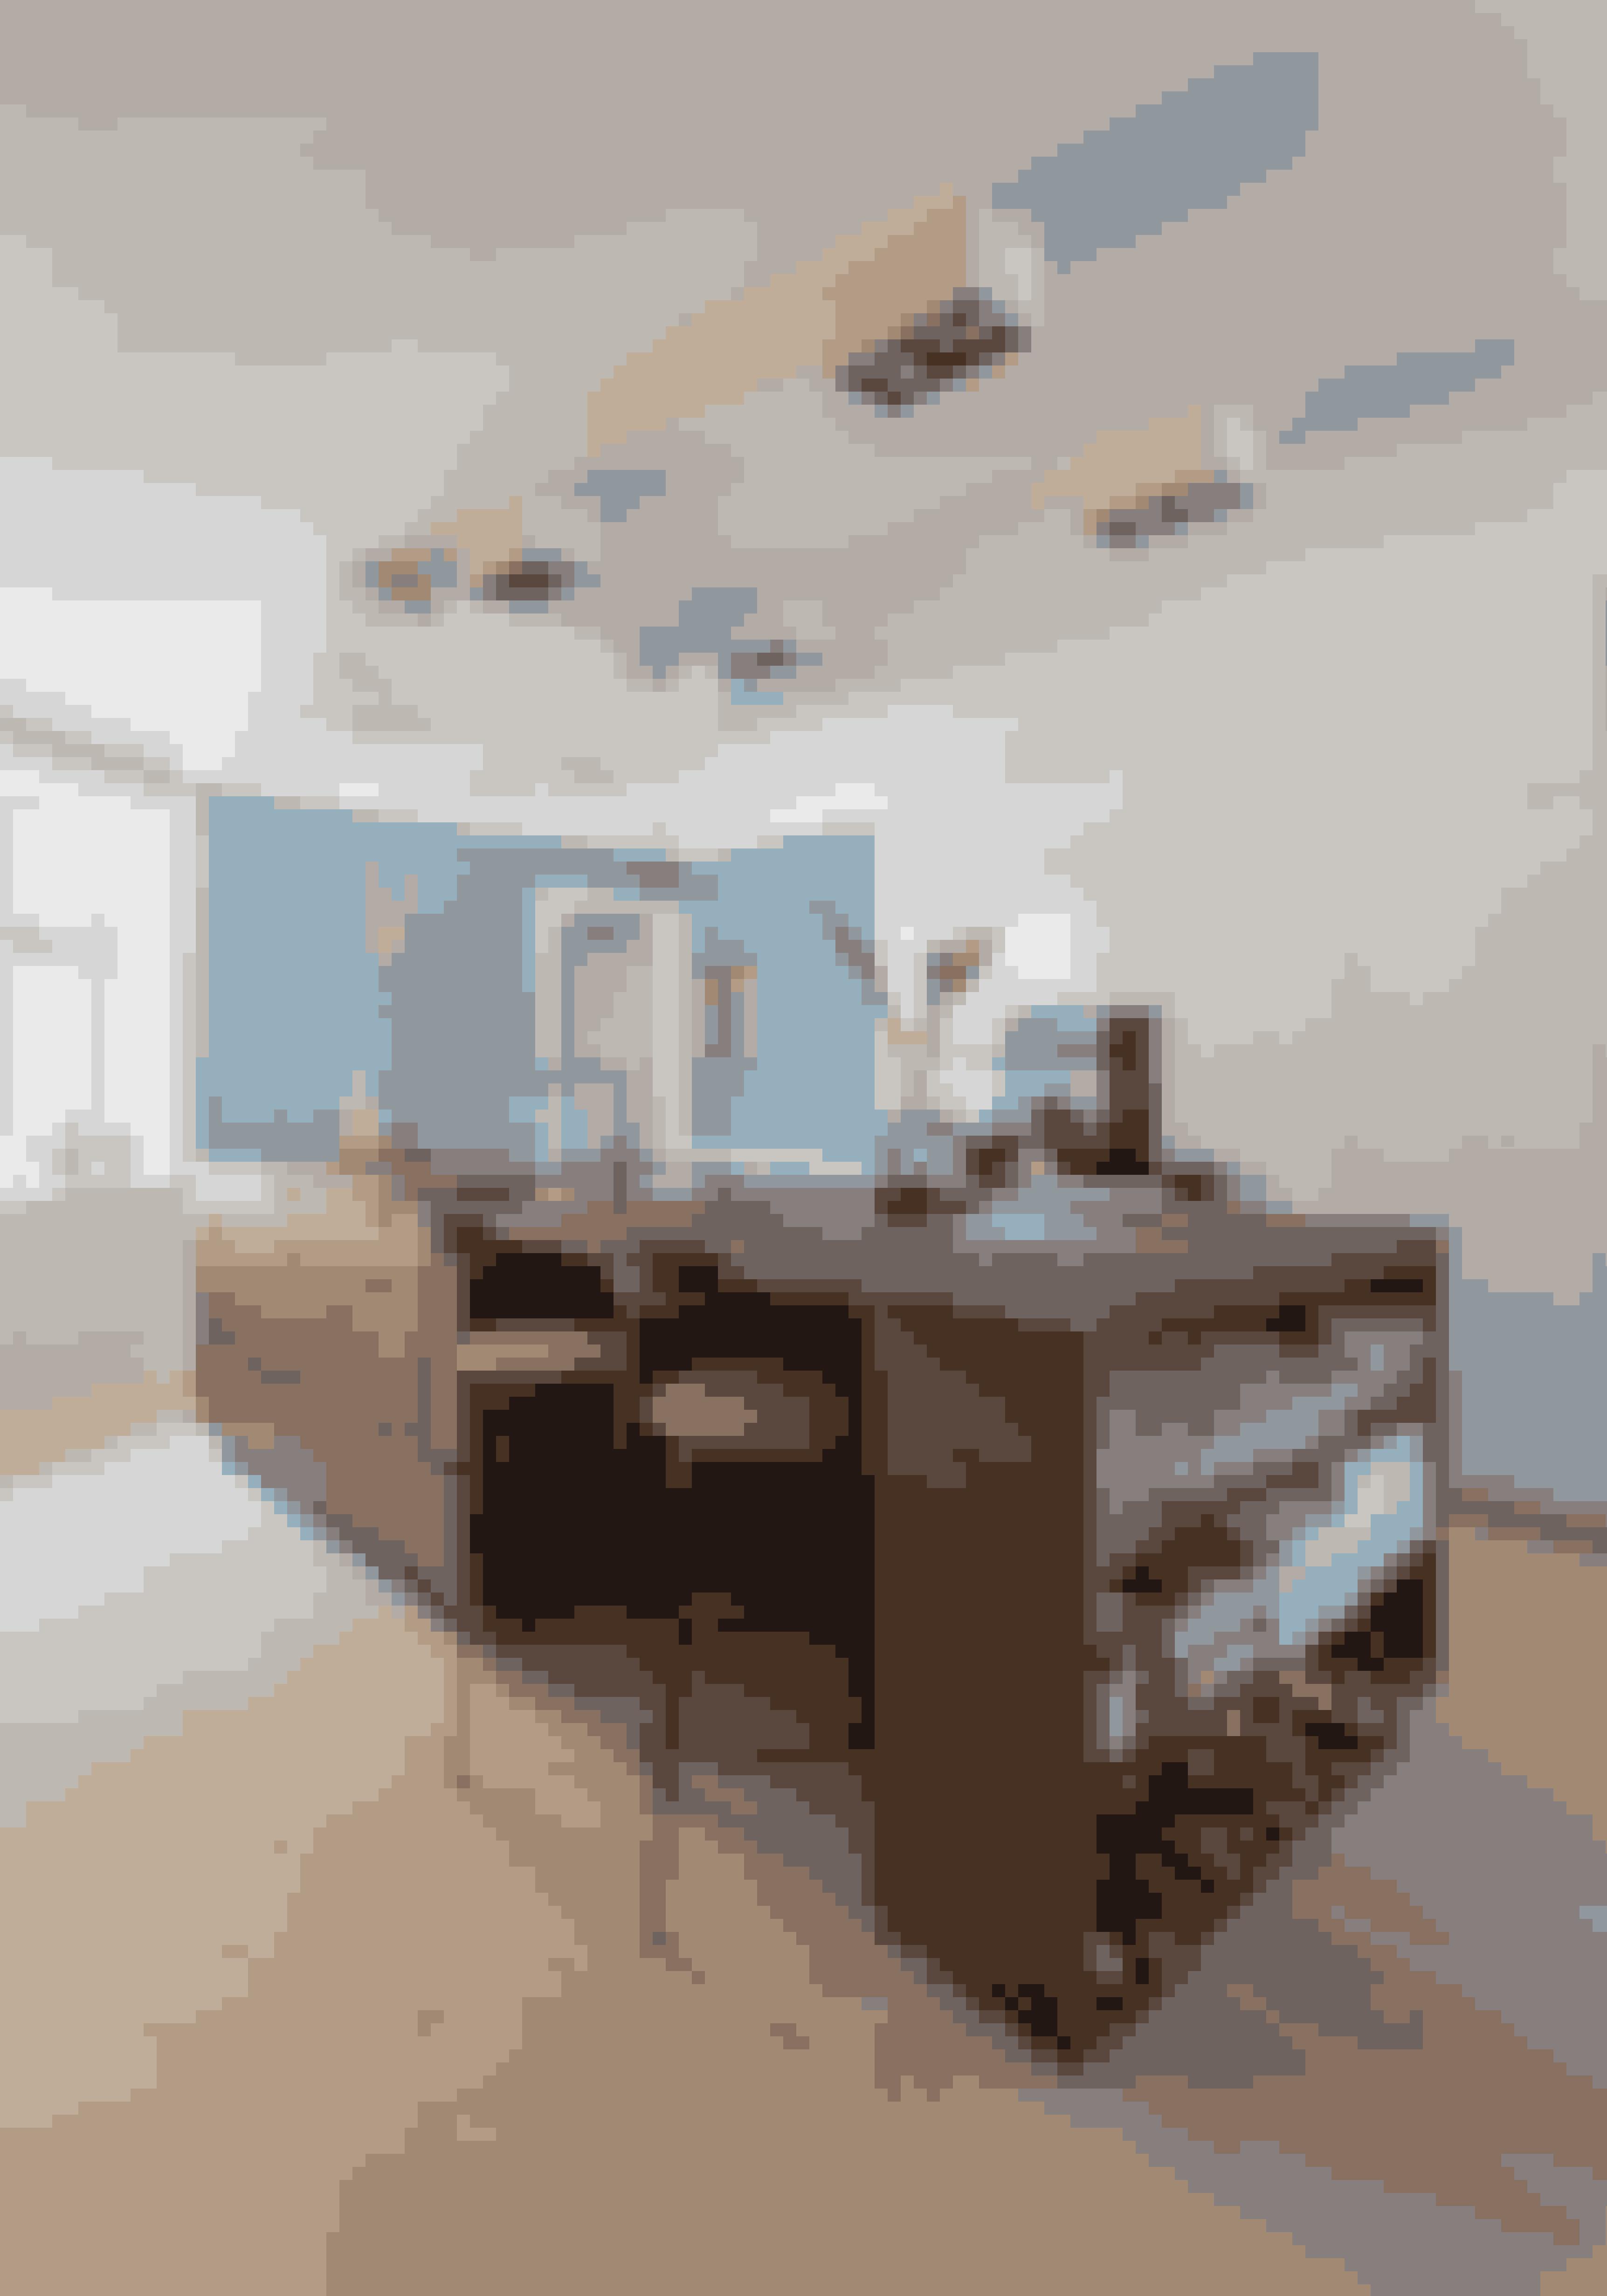 Når du skal bygge din næste køkkenø, så indtænk opbevaring i køkkenøen. Her er der blevet plads til vin, kogebøger og glas. Køkkenet er fra Handcrafted Interior, og det står i bejdset egetræ.